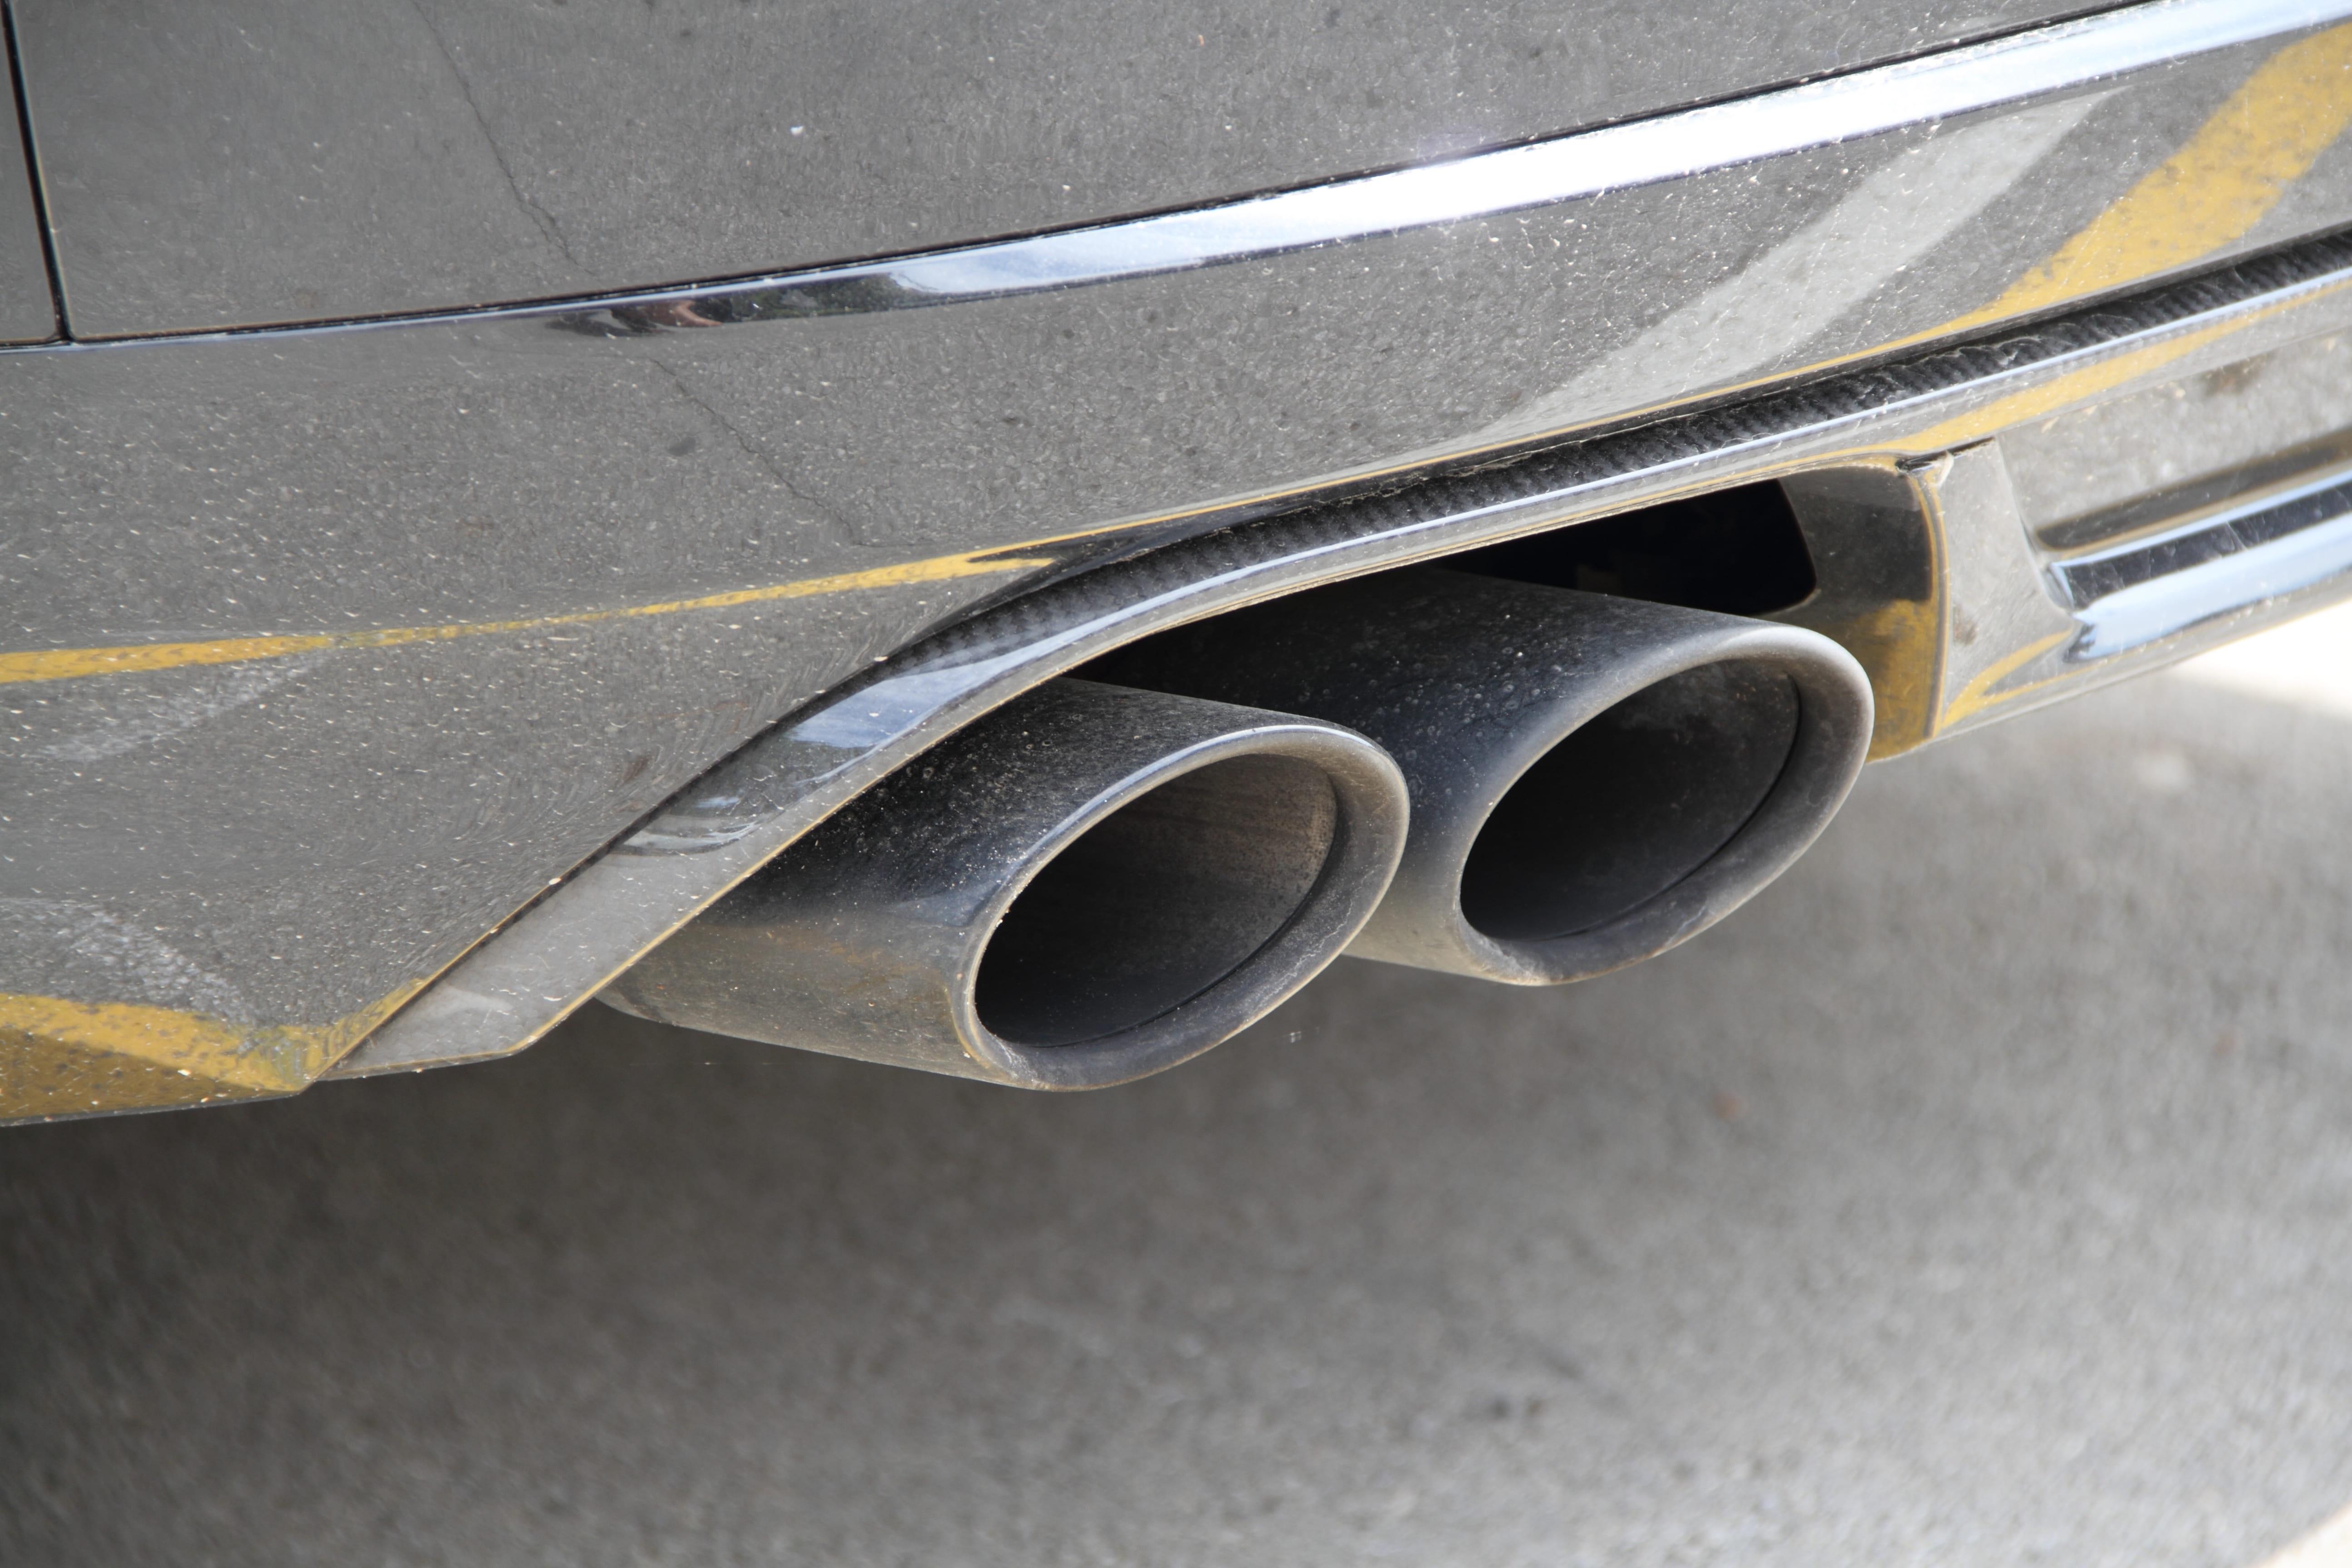 「アウトバック」の中古車を自社ローンで購入した方の車両価格相場と口コミ(体験談)